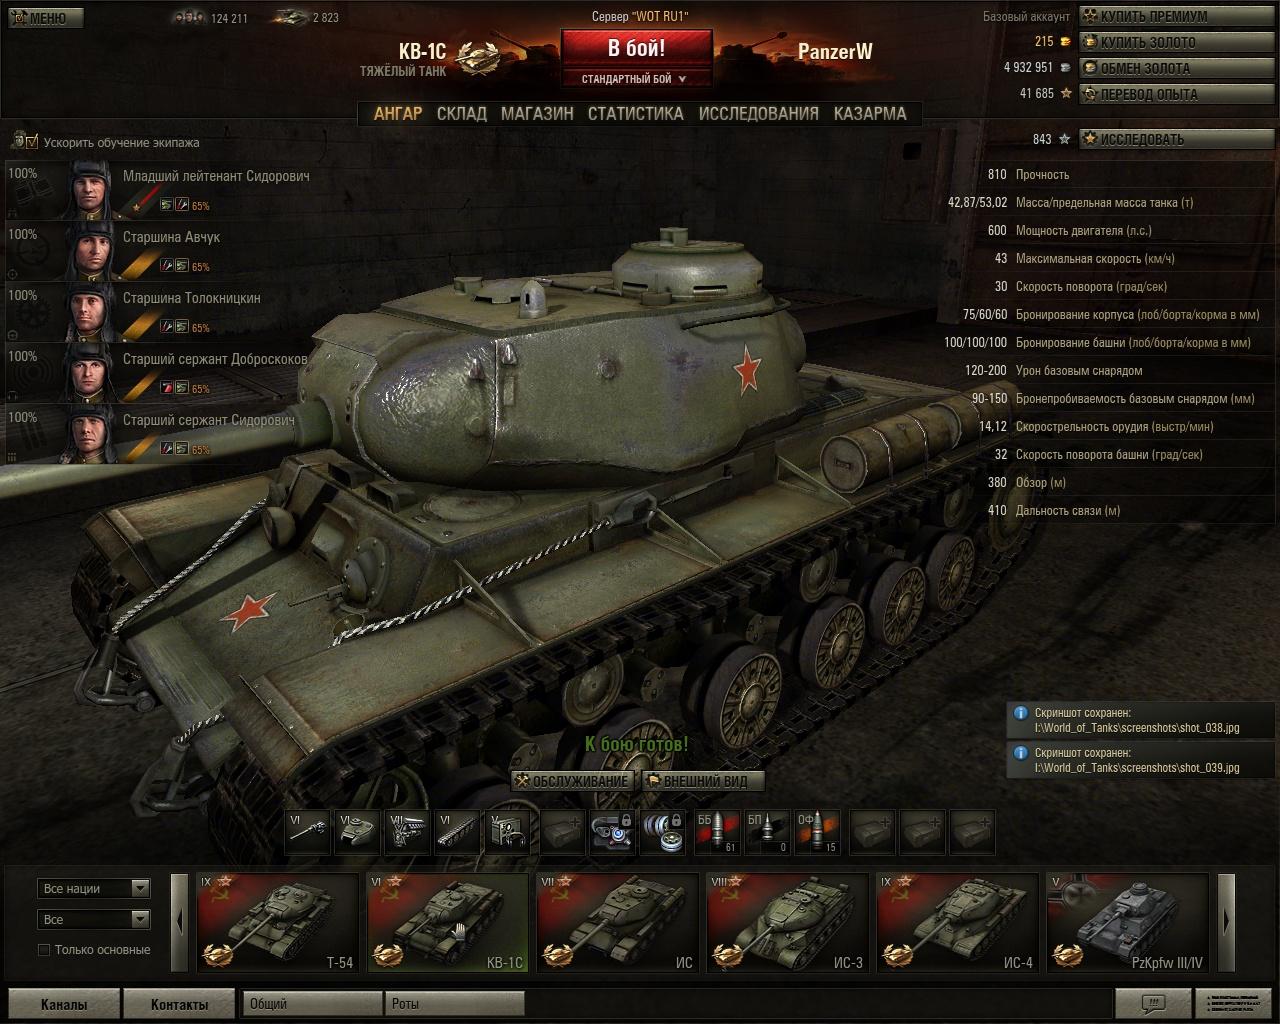 Гайд по советскому тяжелому танку восьмого уровня ИС-3